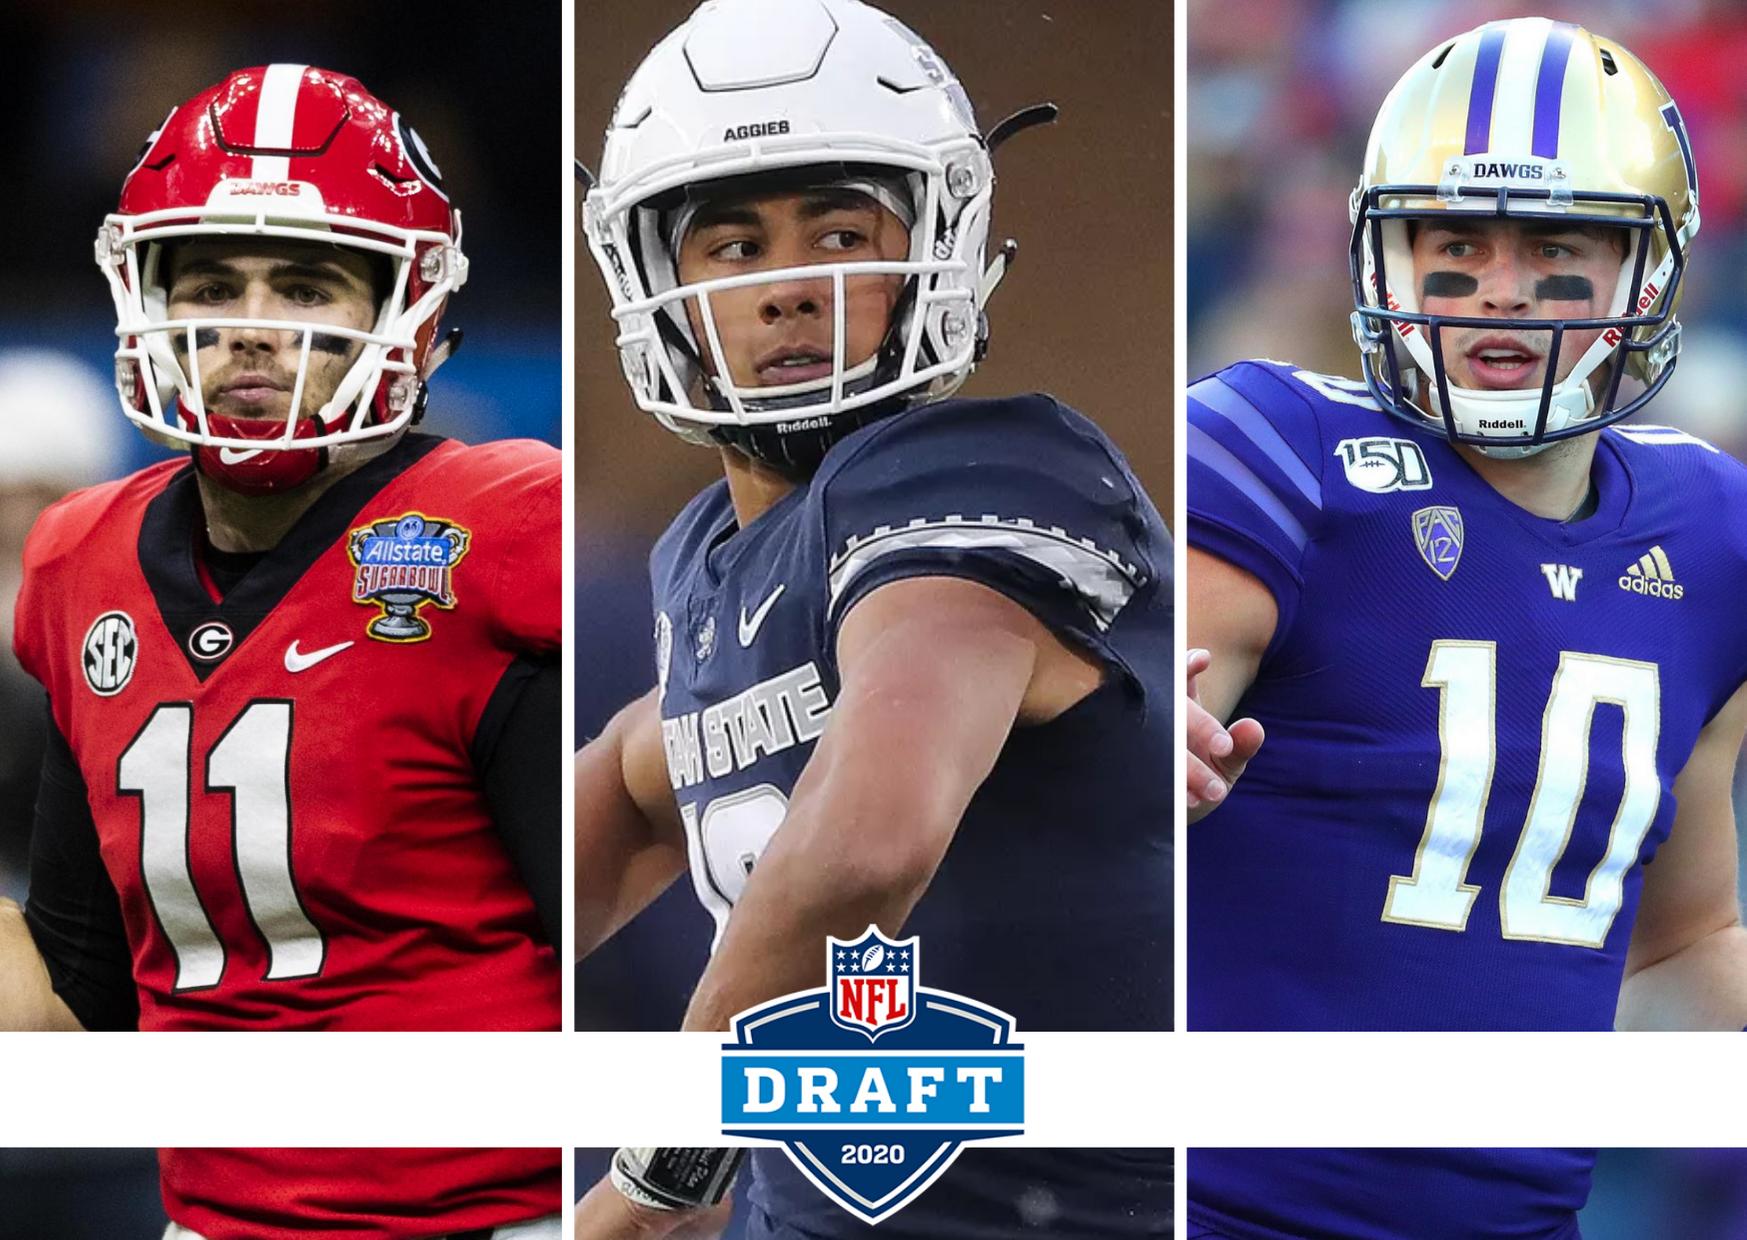 Draft 2020 quarterbacks love fromm eason